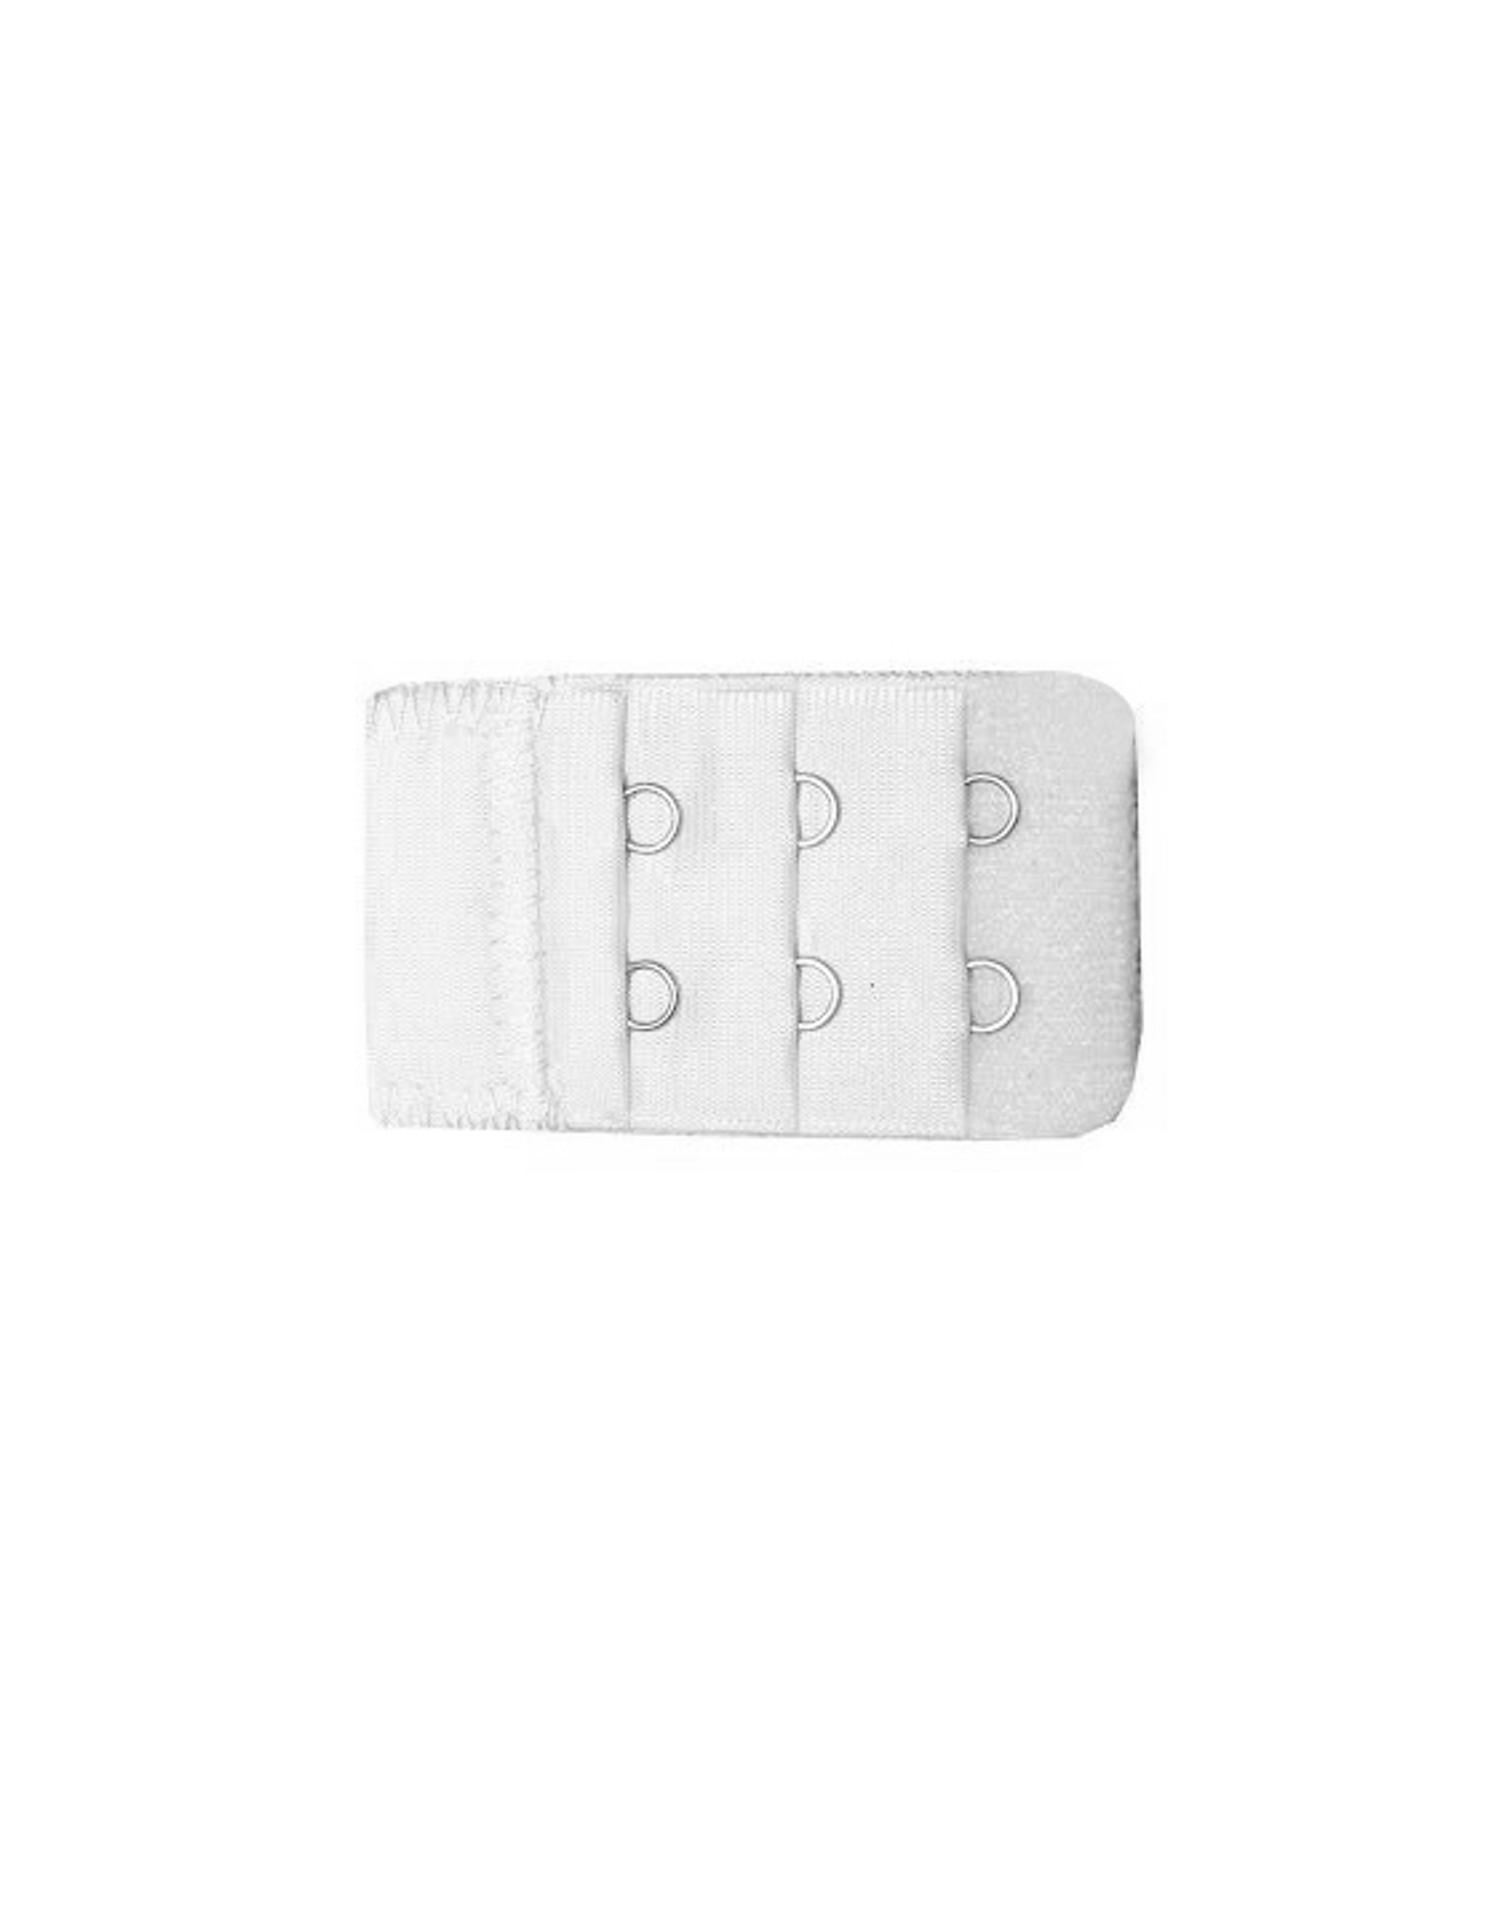 white bra double hook extender